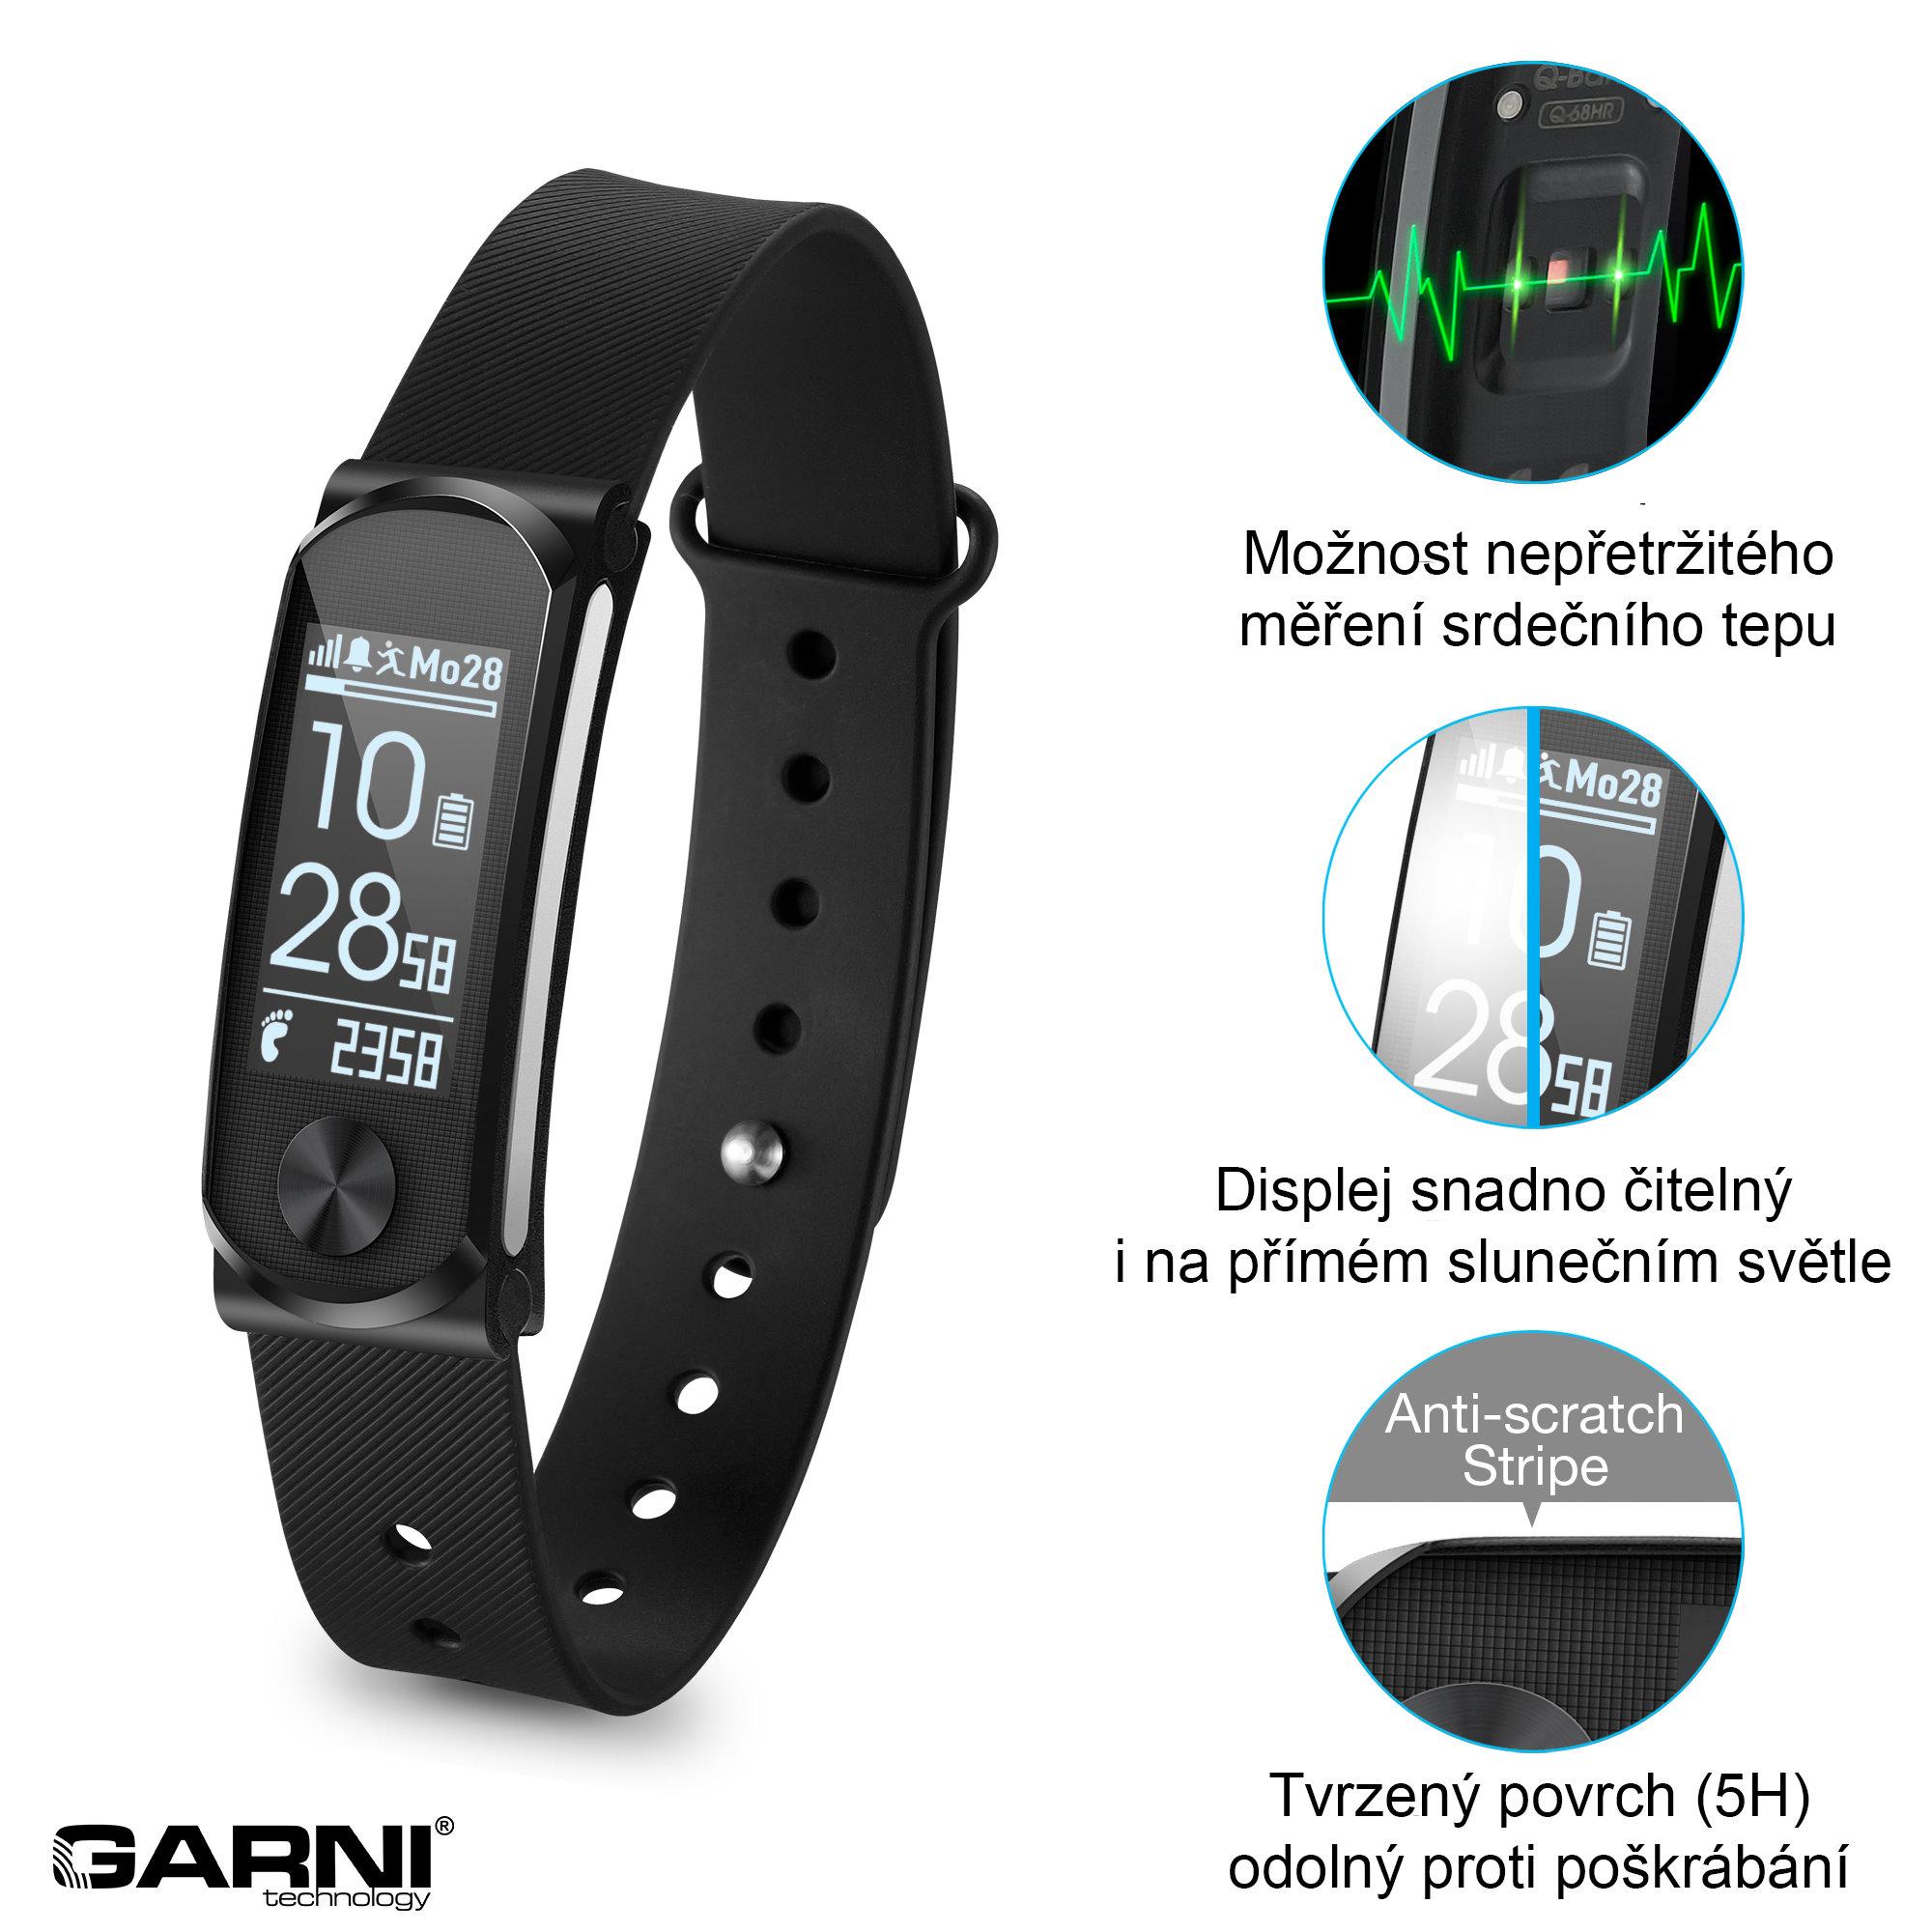 Garni technology Fitness náramek s měřením tepové frekvence, GARNI Q-68HR